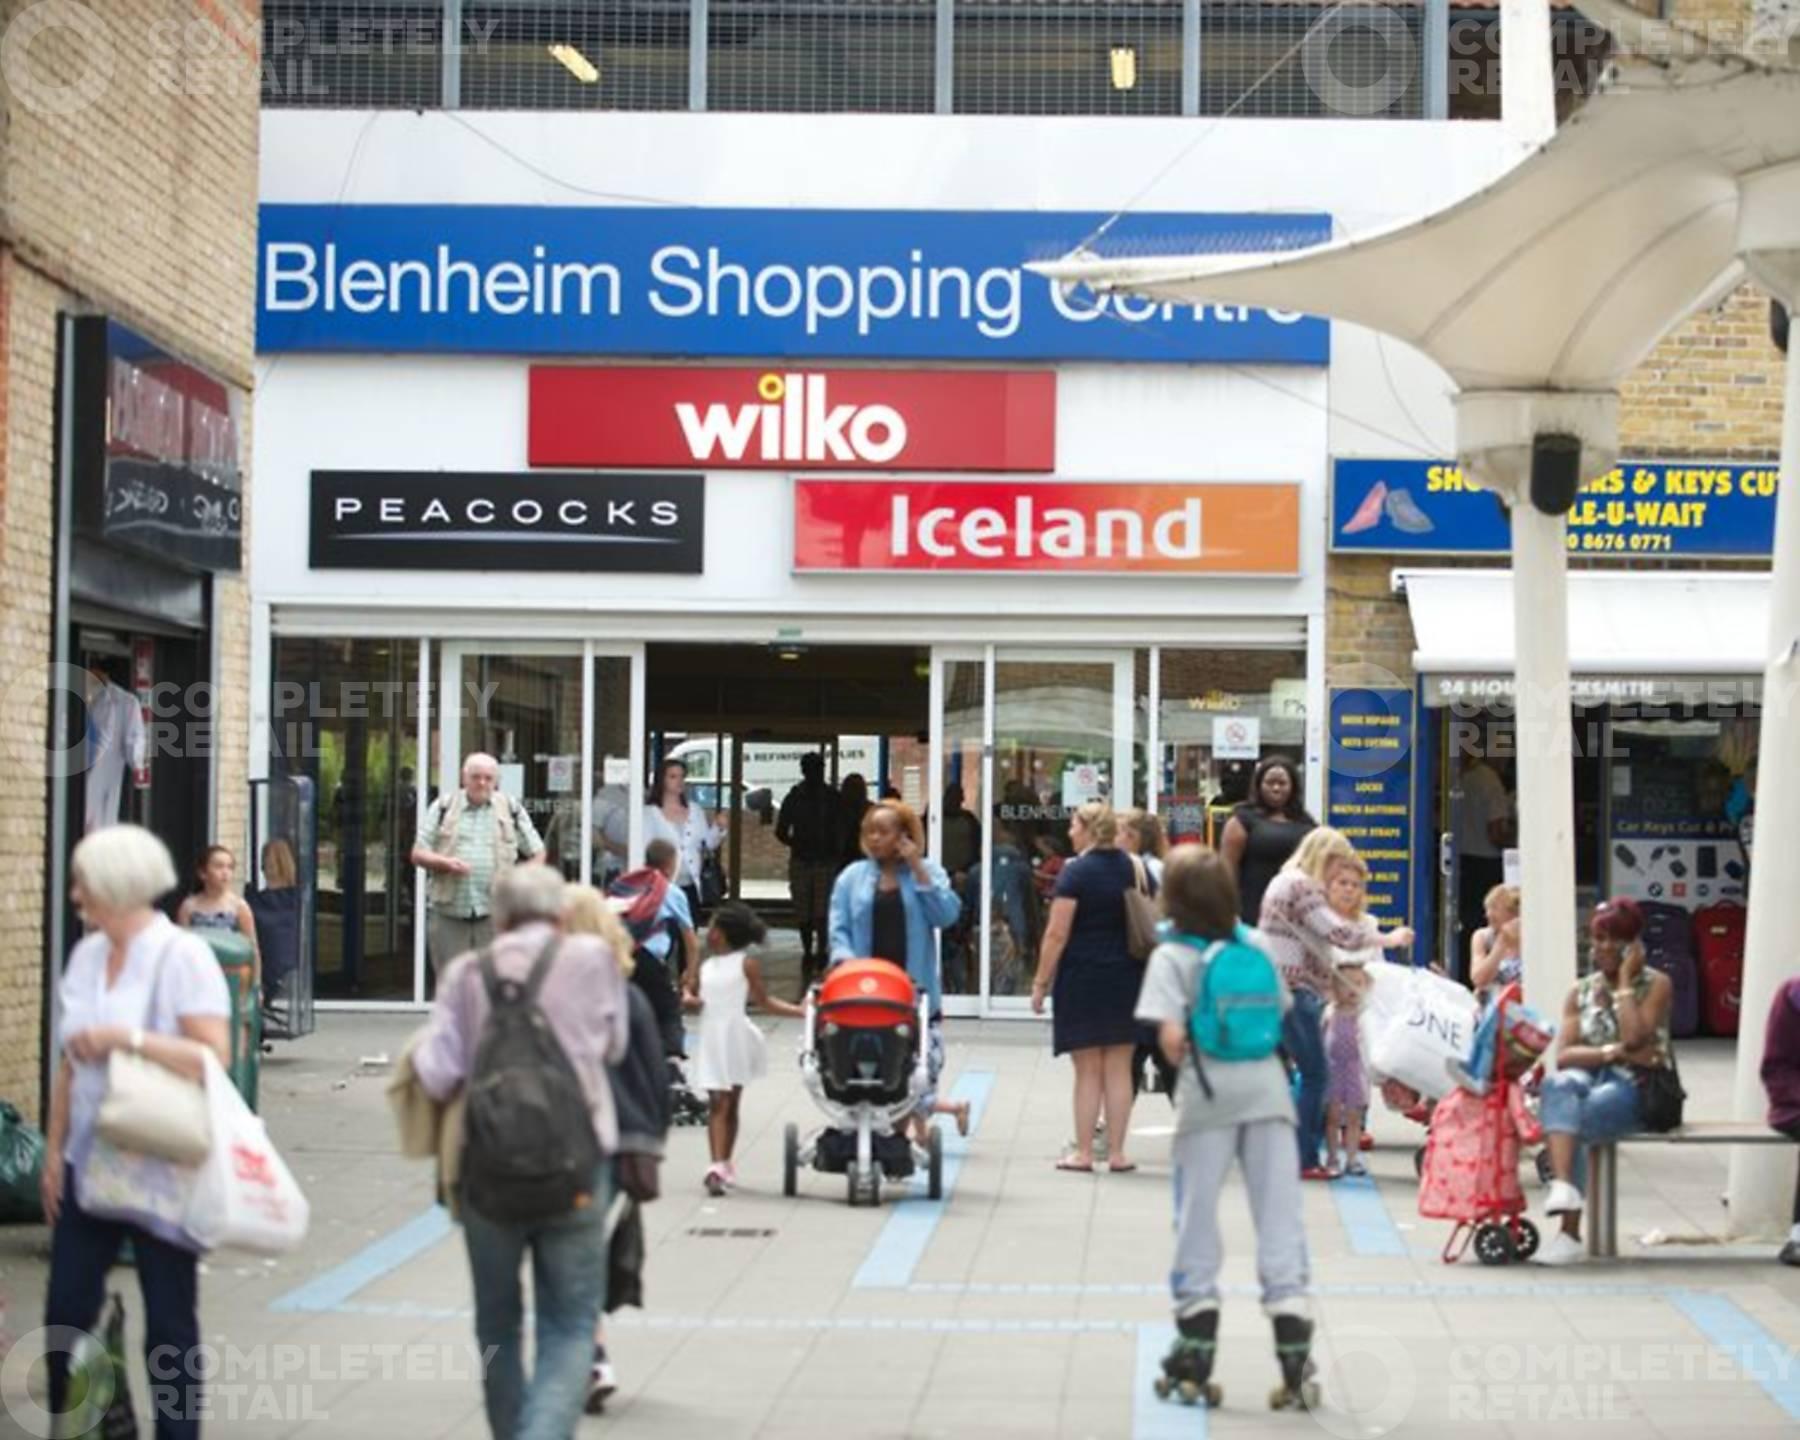 Blenheim Shopping Centre